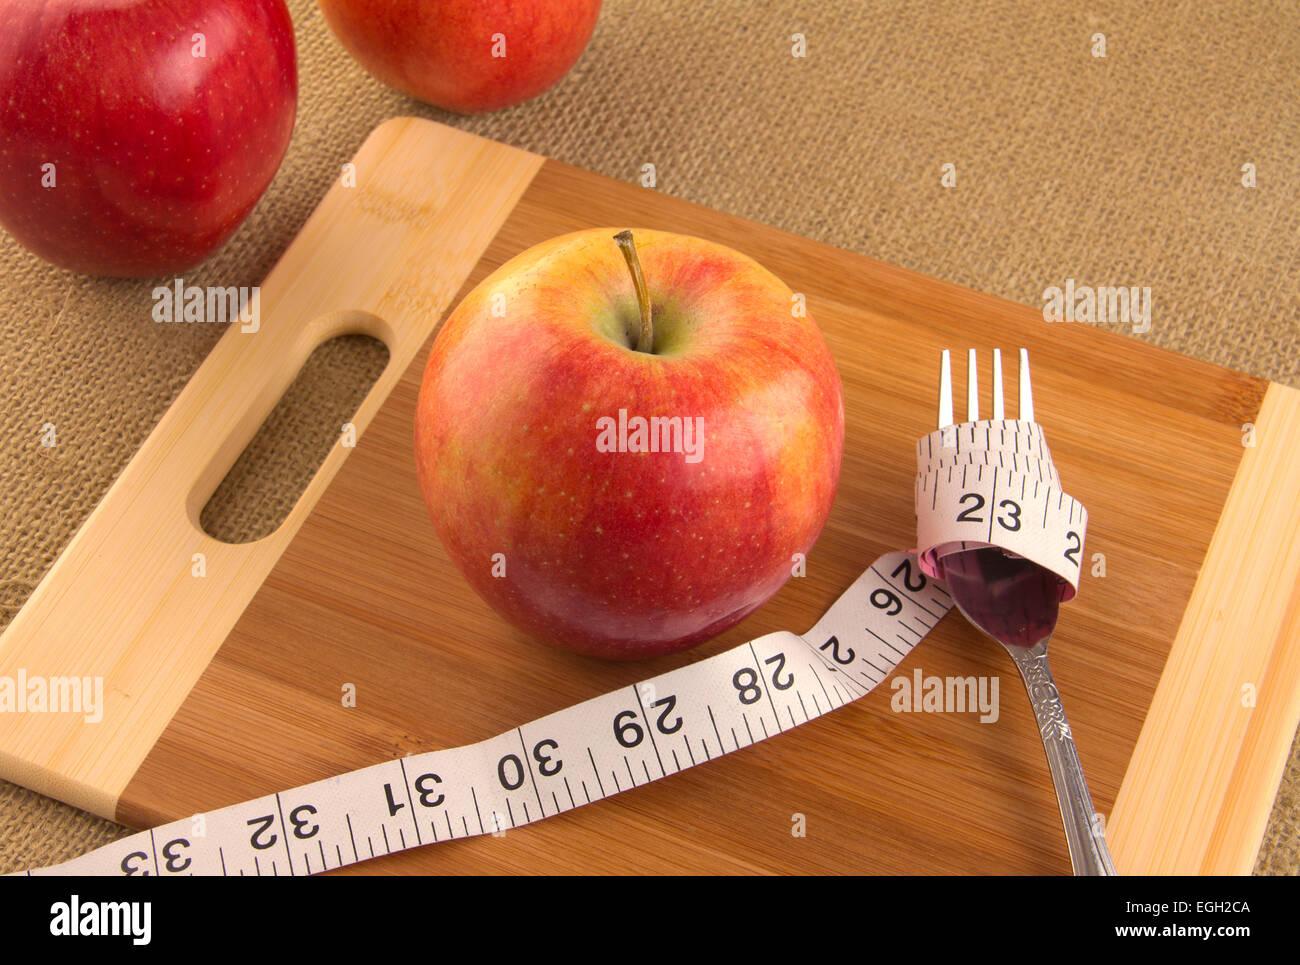 Gesunde Ernährung und Ernährung für Gewicht-Verlust-Konzept mit Apfel und Maßband Stockbild